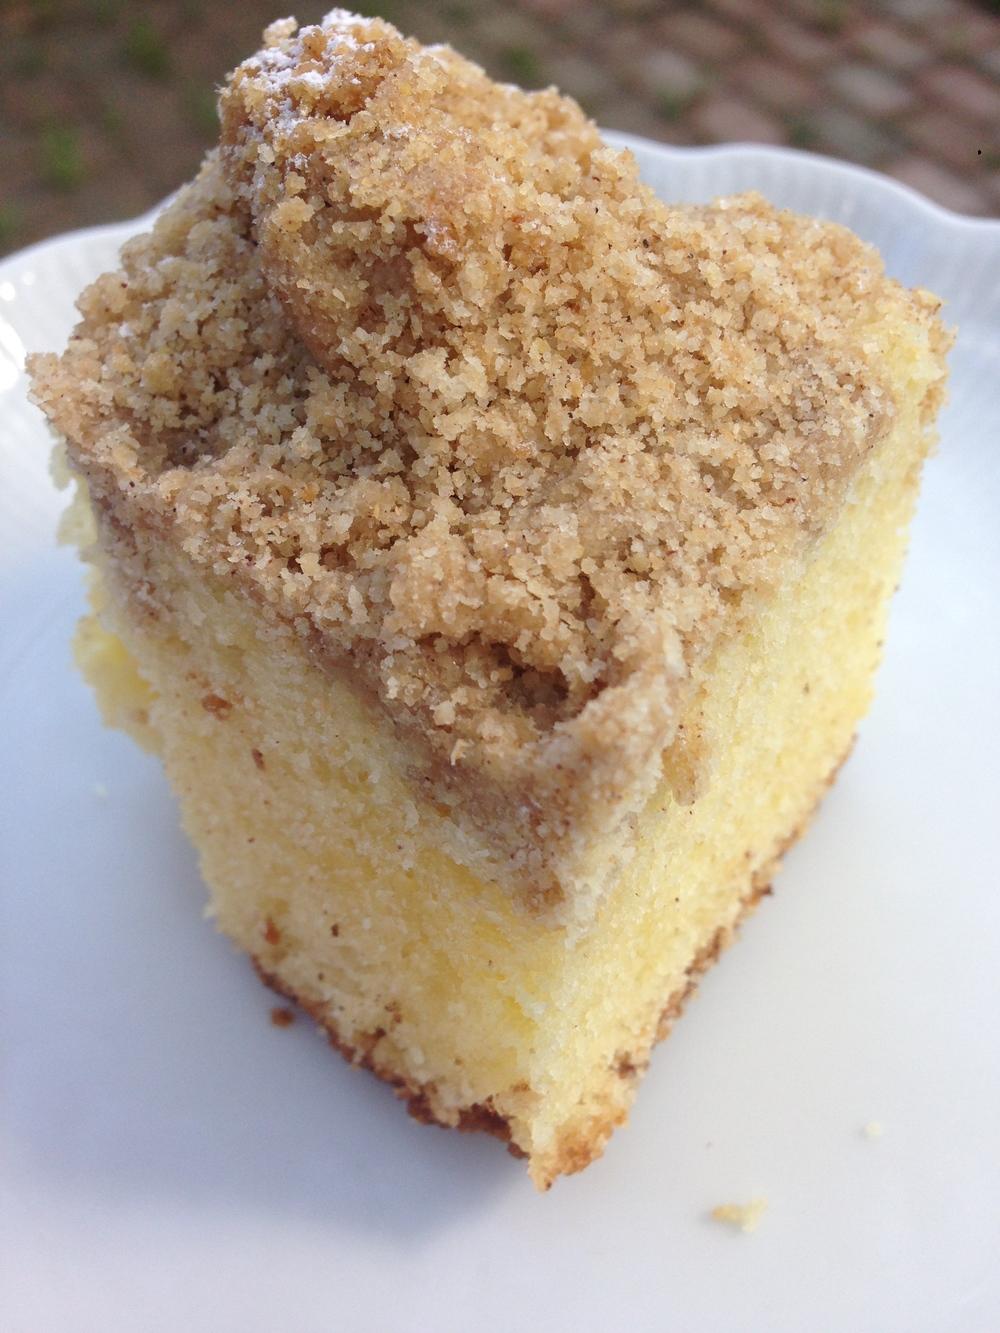 Cake made by Tonya